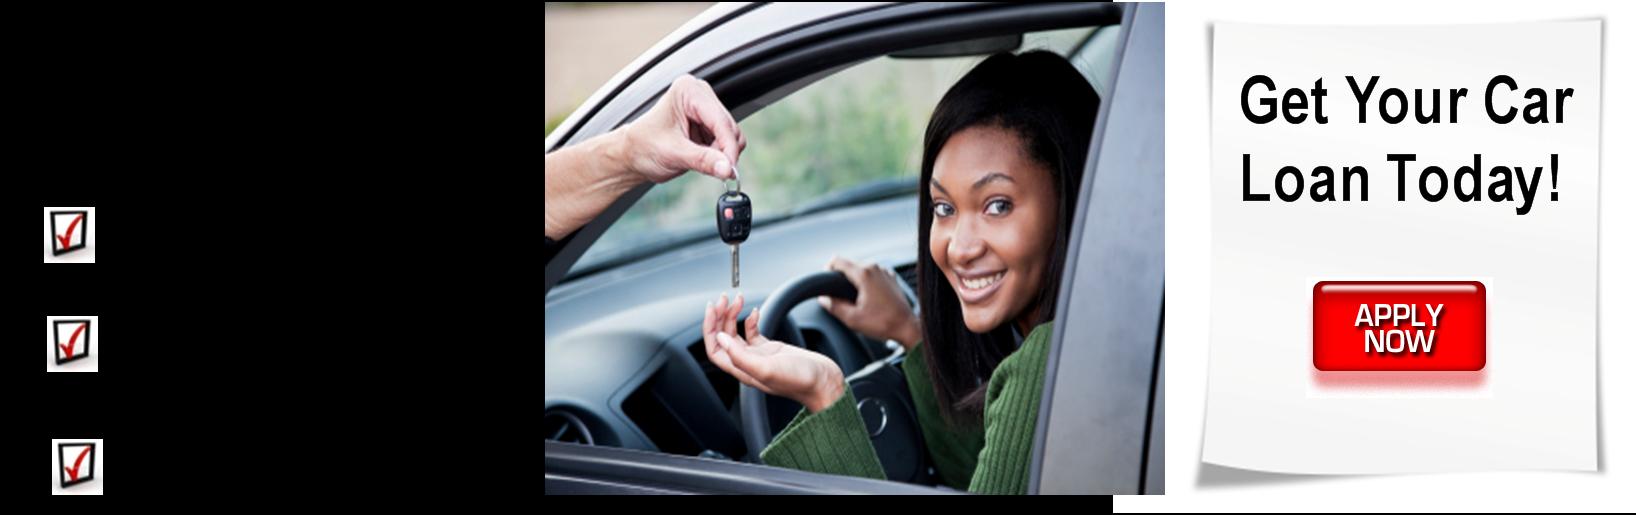 Road Loans or RoadLoans?   Road Loans - The RoadLoans Advocate